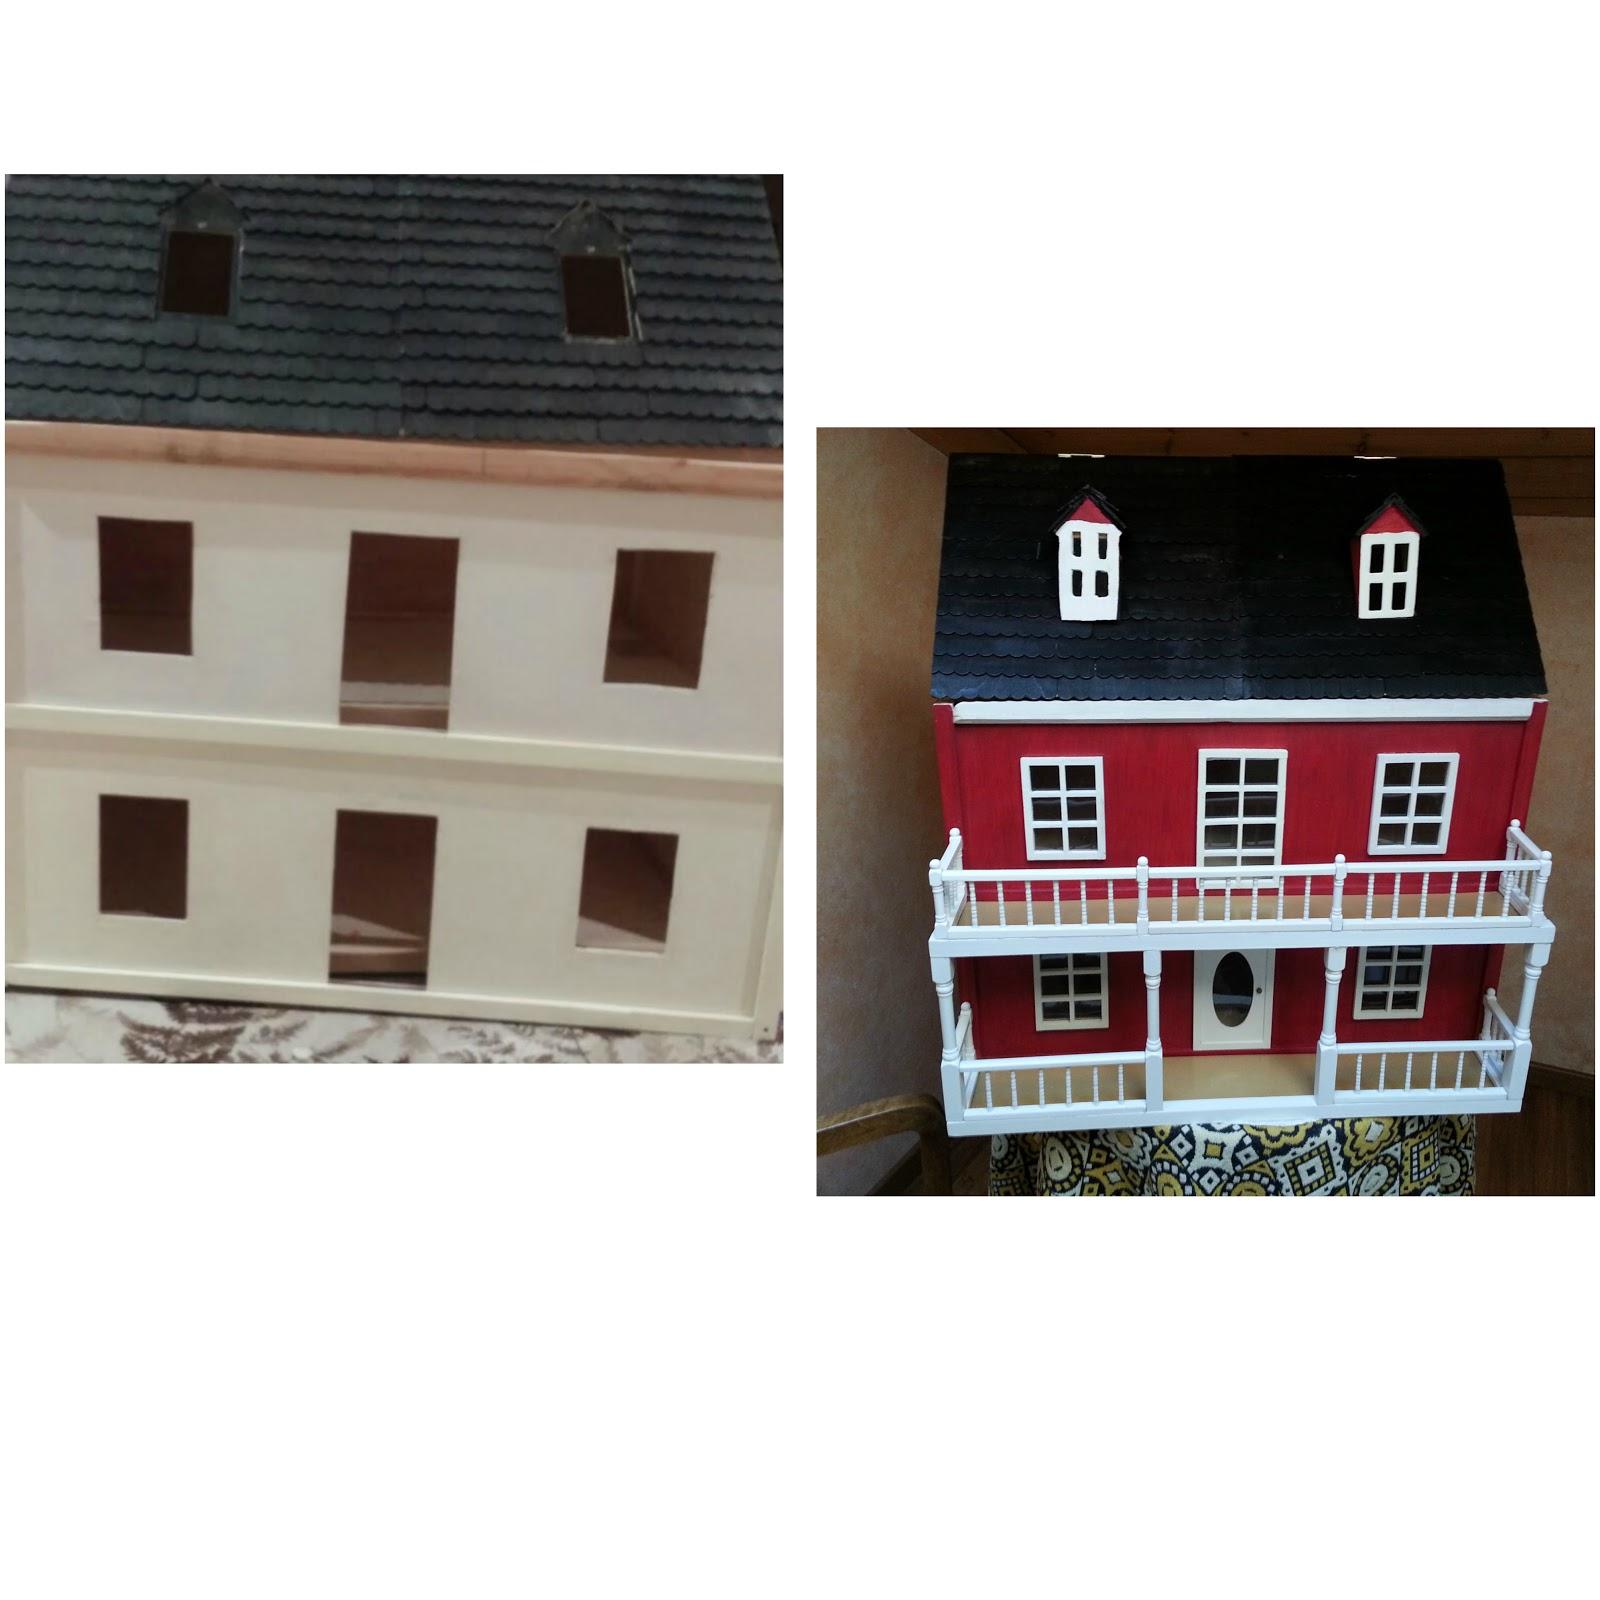 Crea construye recicla y restaura: Casa de muñecas como regalo especial.